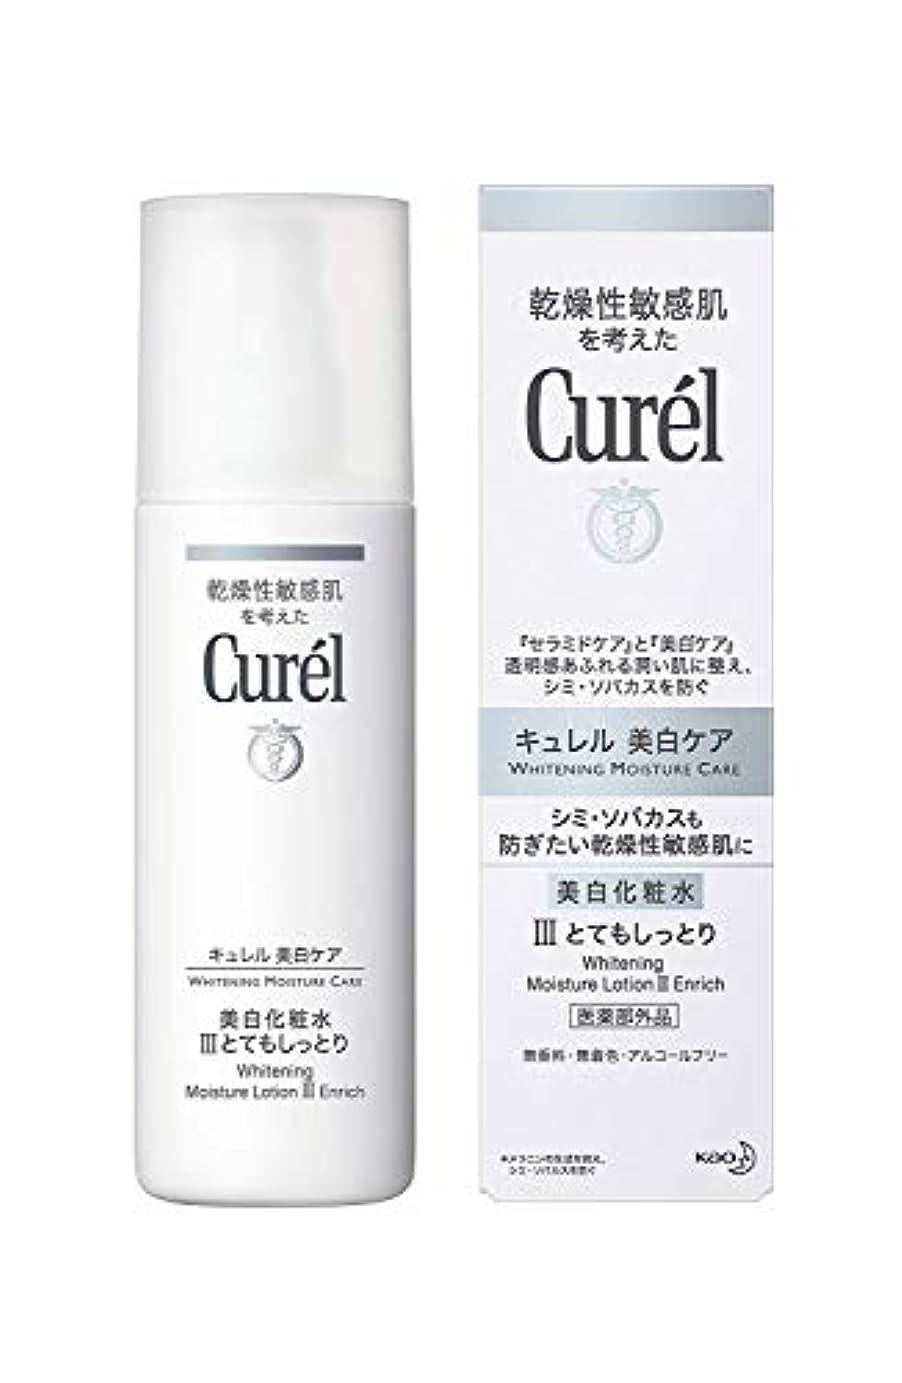 【花王】キュレル 美白化粧水III リッチ(140ml) ×5個セット